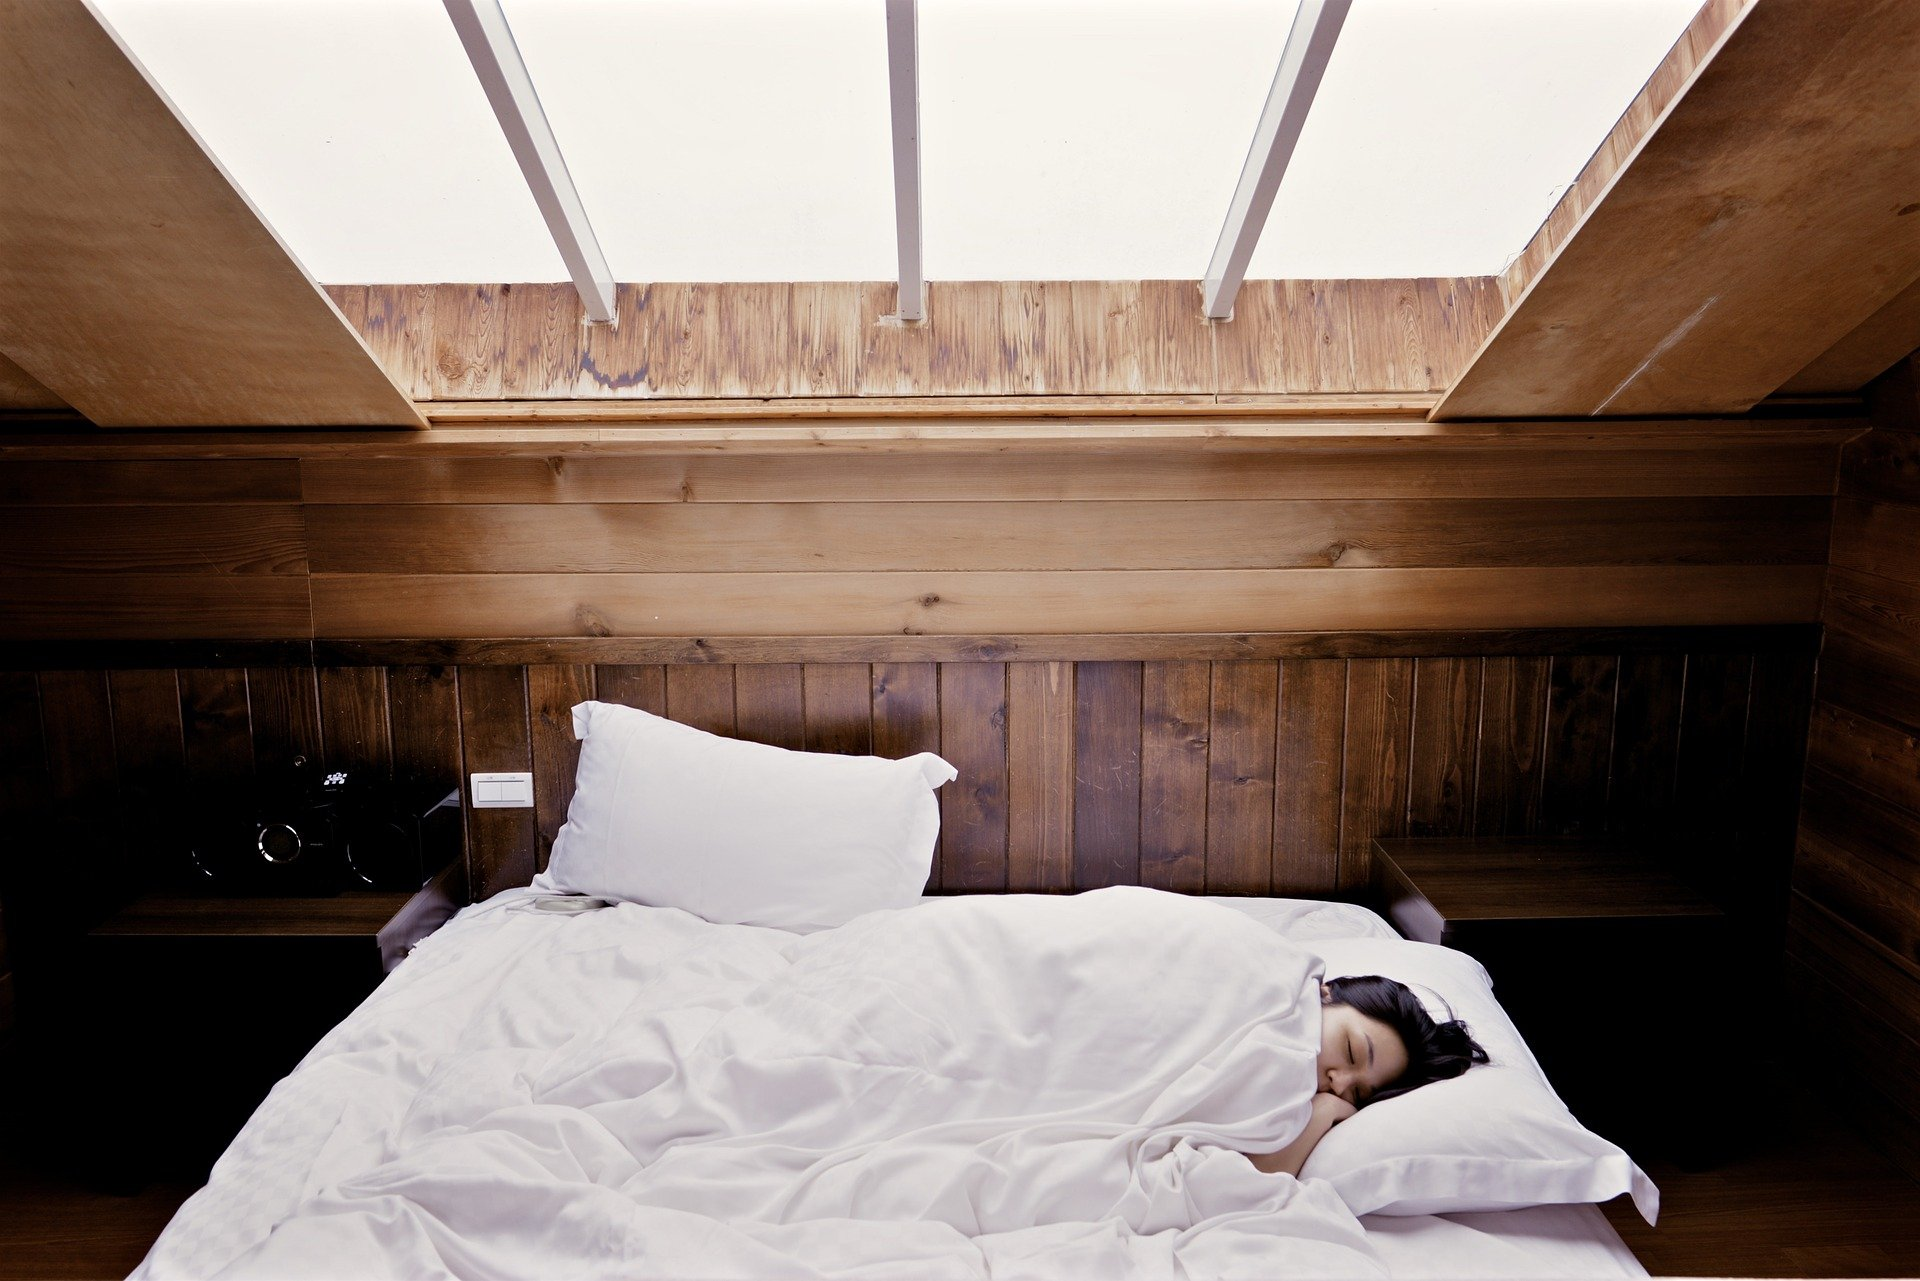 el sueño aporta salud física y mental